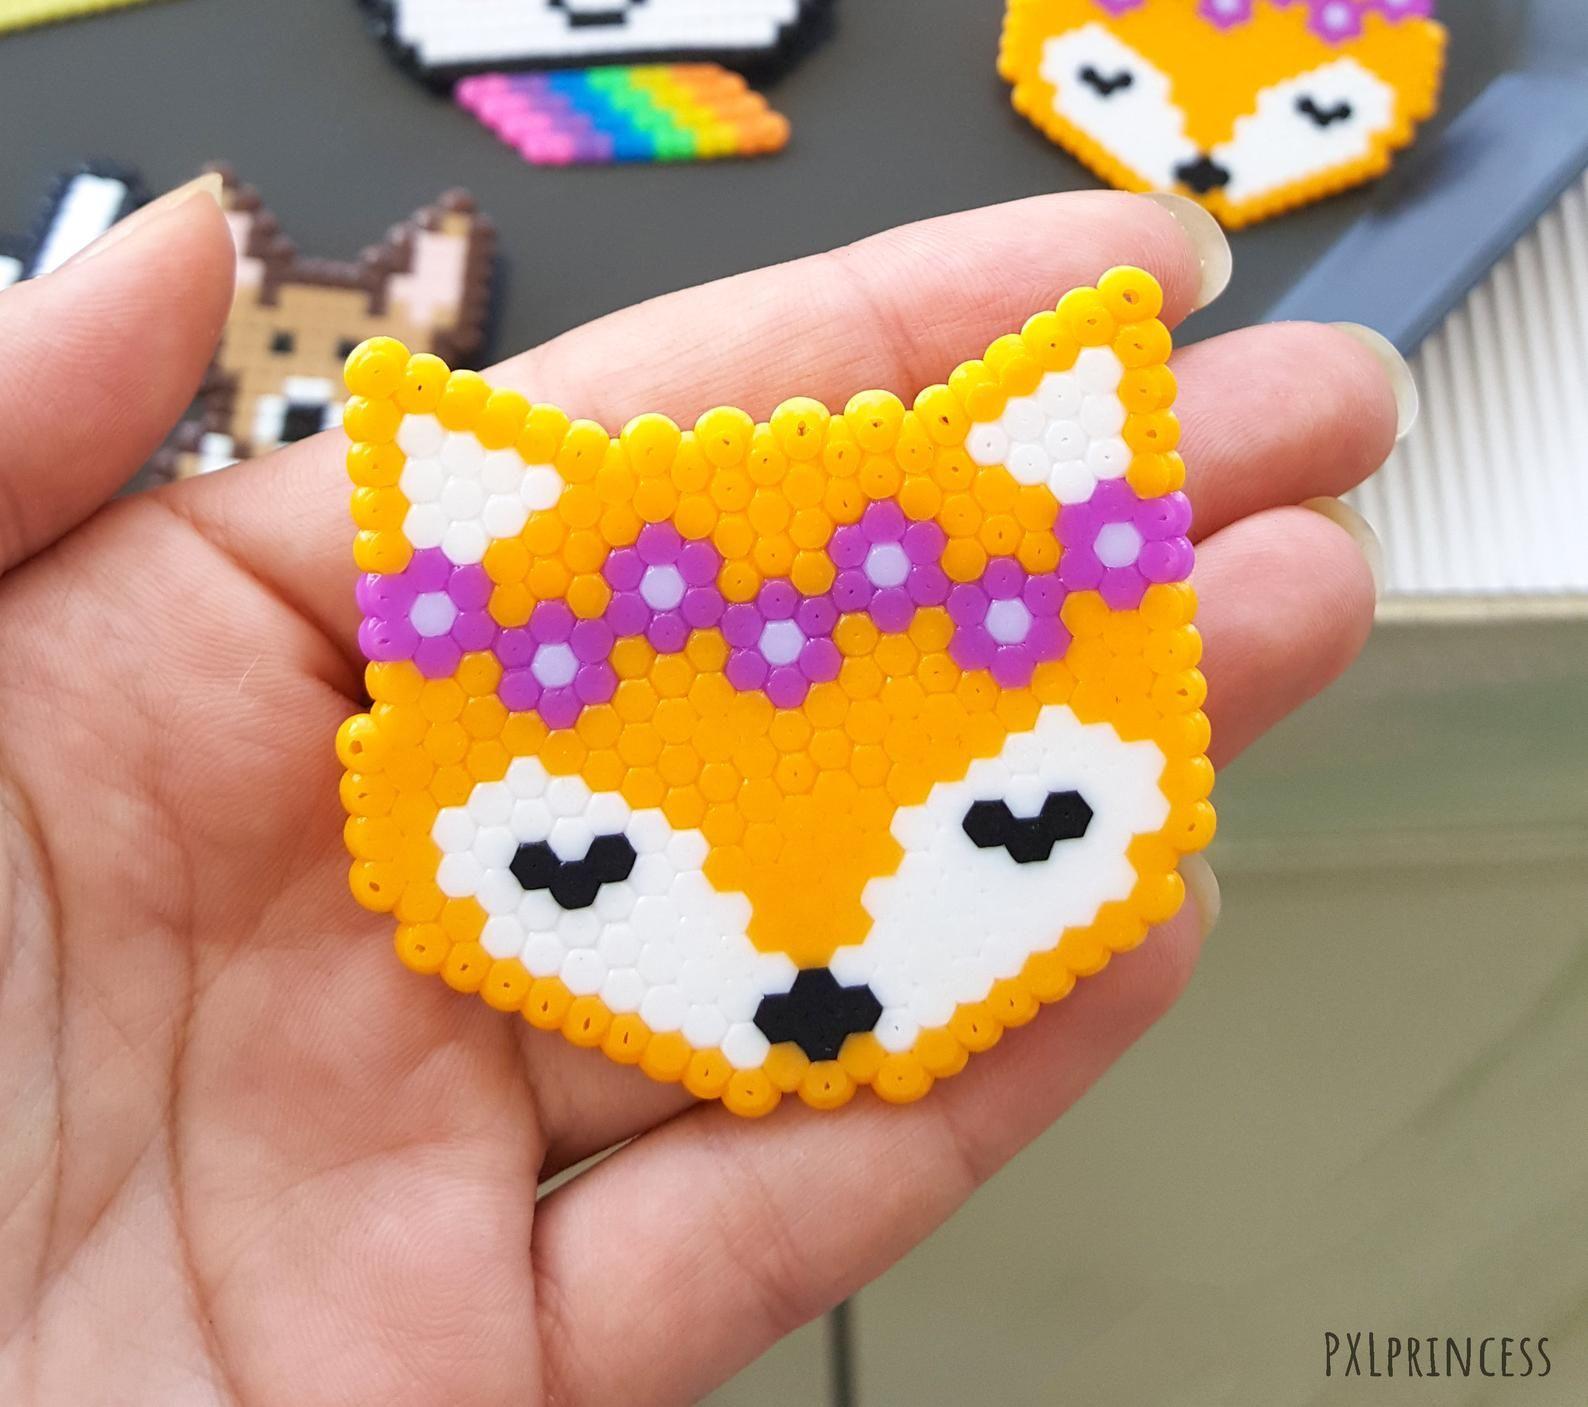 Fox Pin Pixel Art Kawaii Brooch Perler Hama Beads 8 Bit Cute Pin